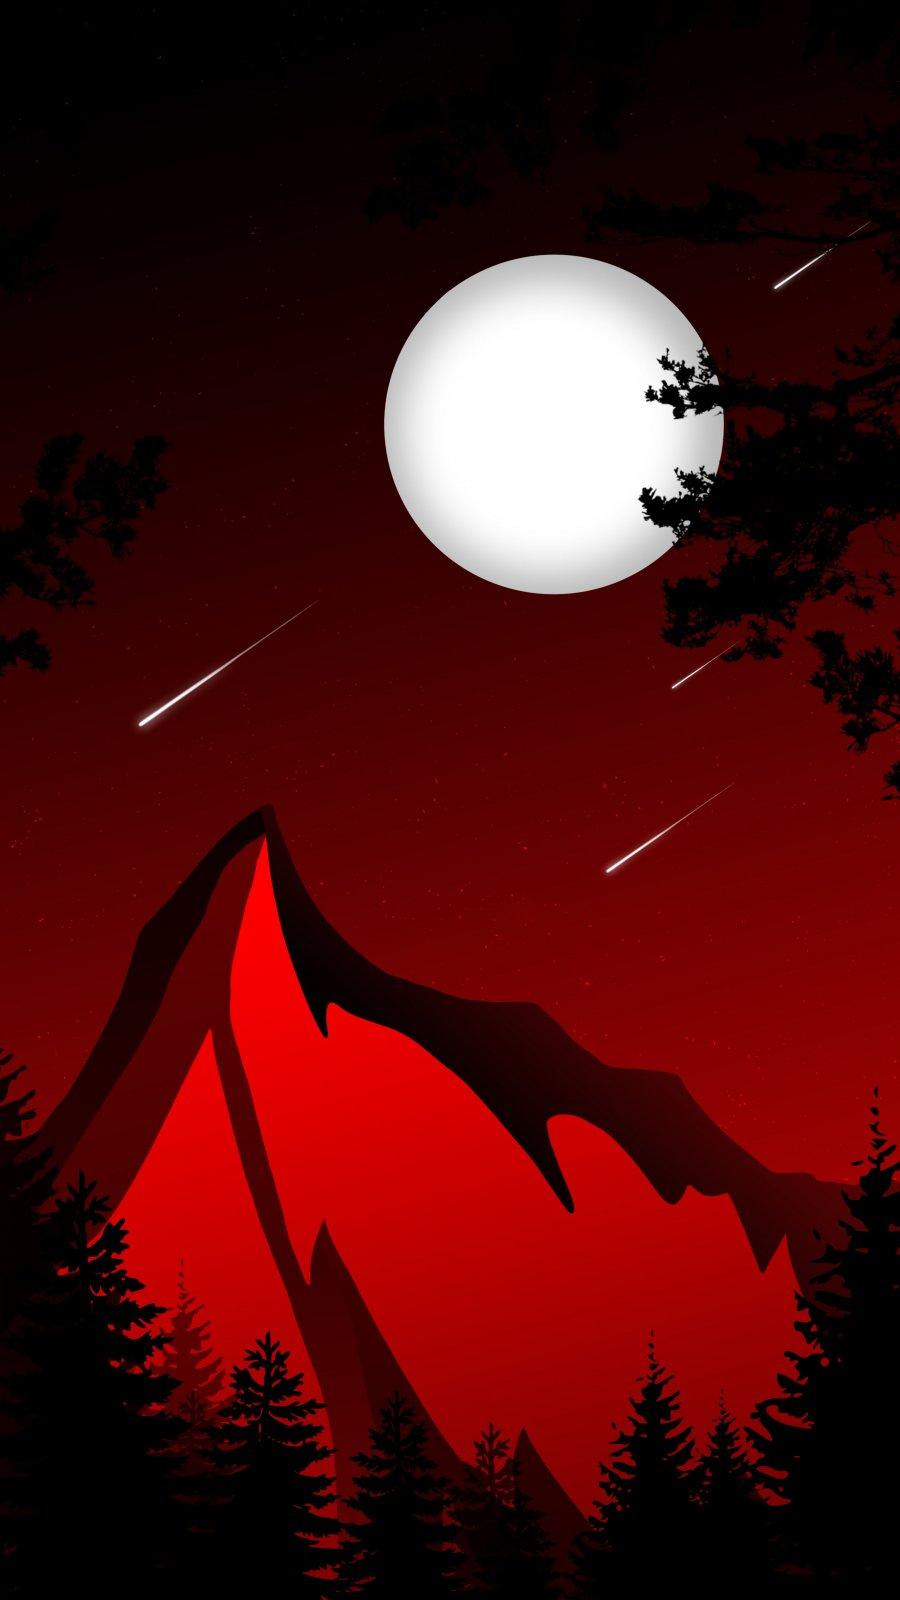 Night Moon Meteor Rain